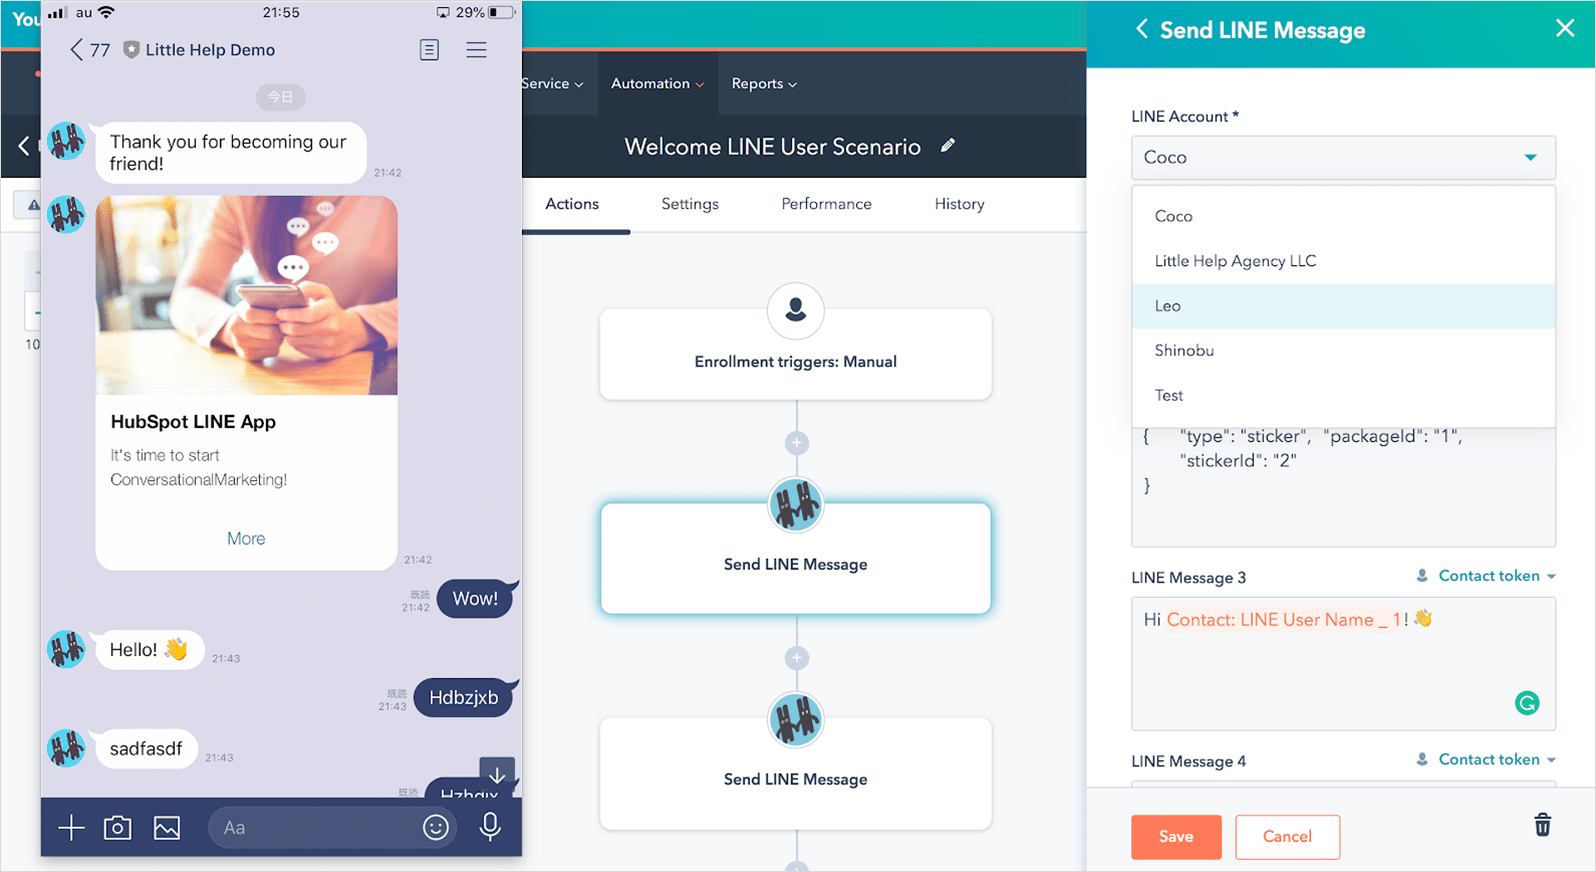 LINE-&-HubSpot-Integration-feature-img-3